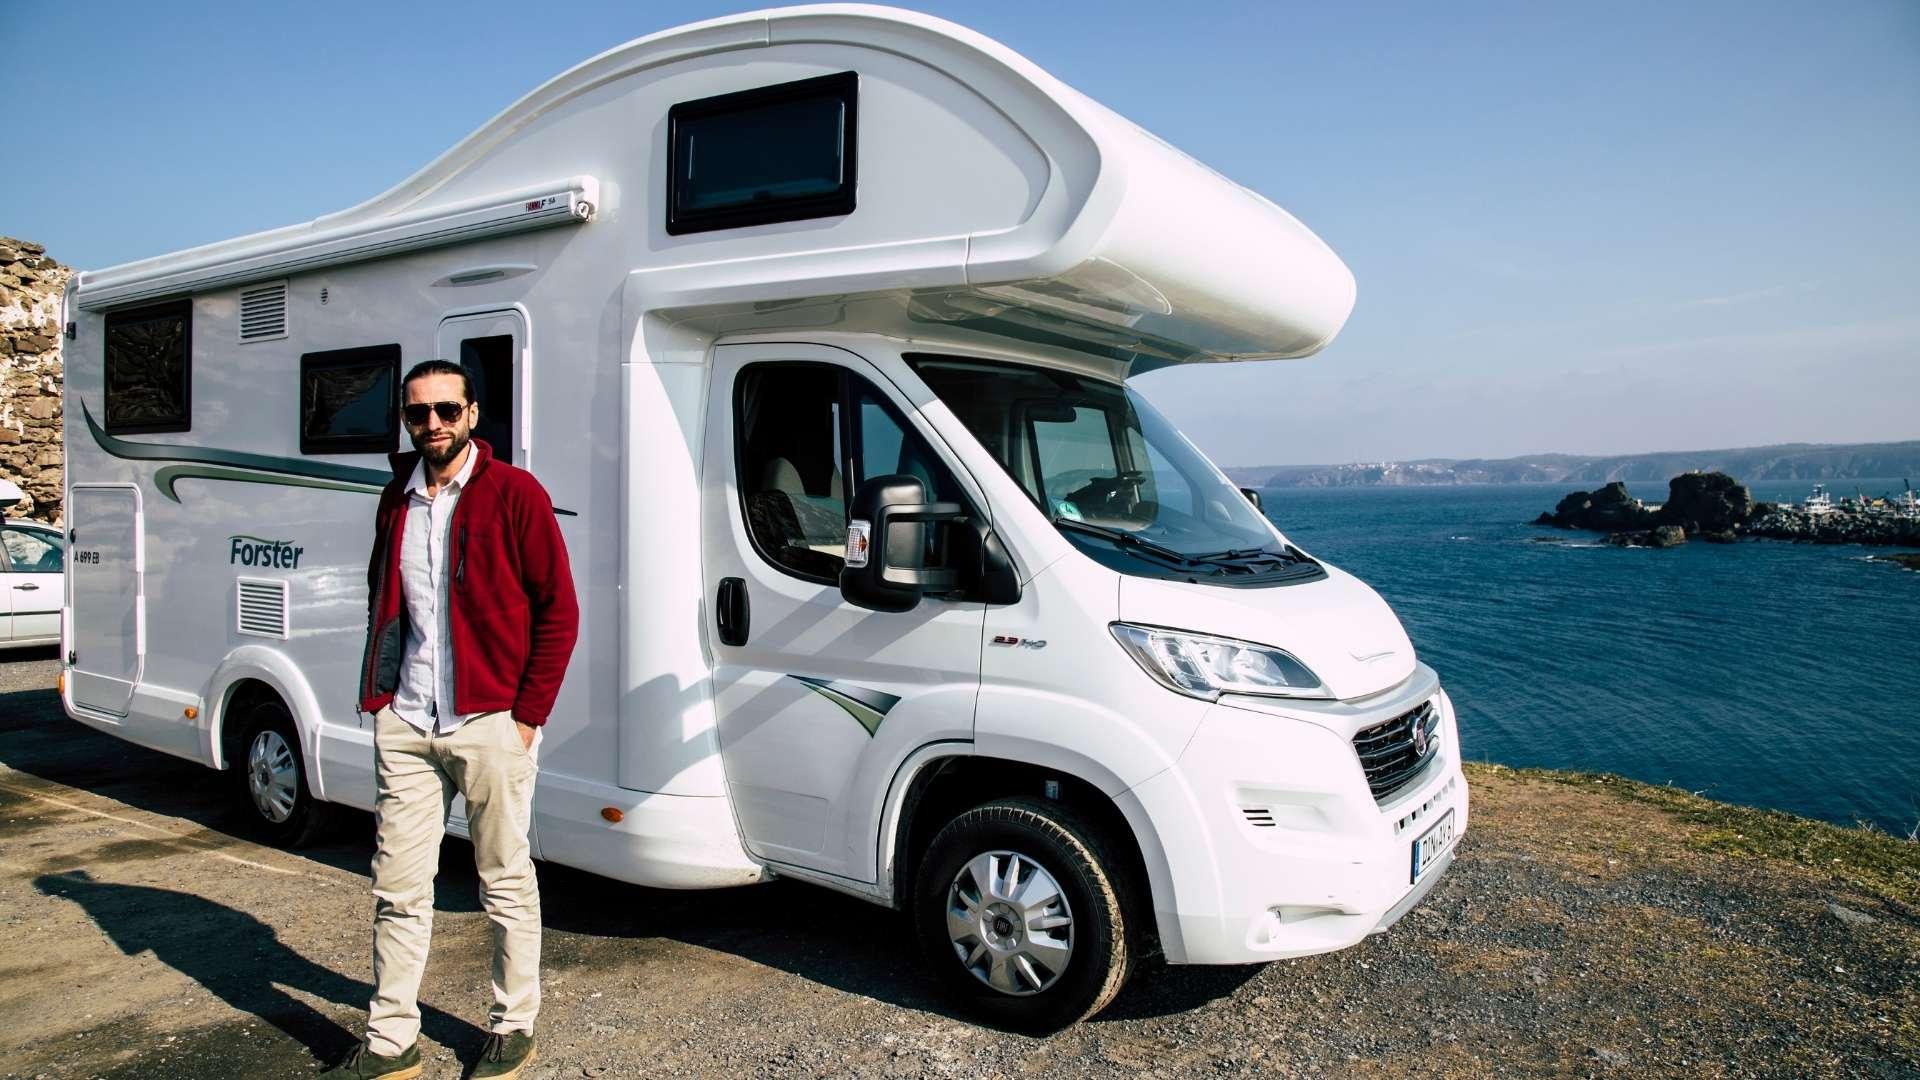 Wohnmobil am Meer mit einem Fahrer.